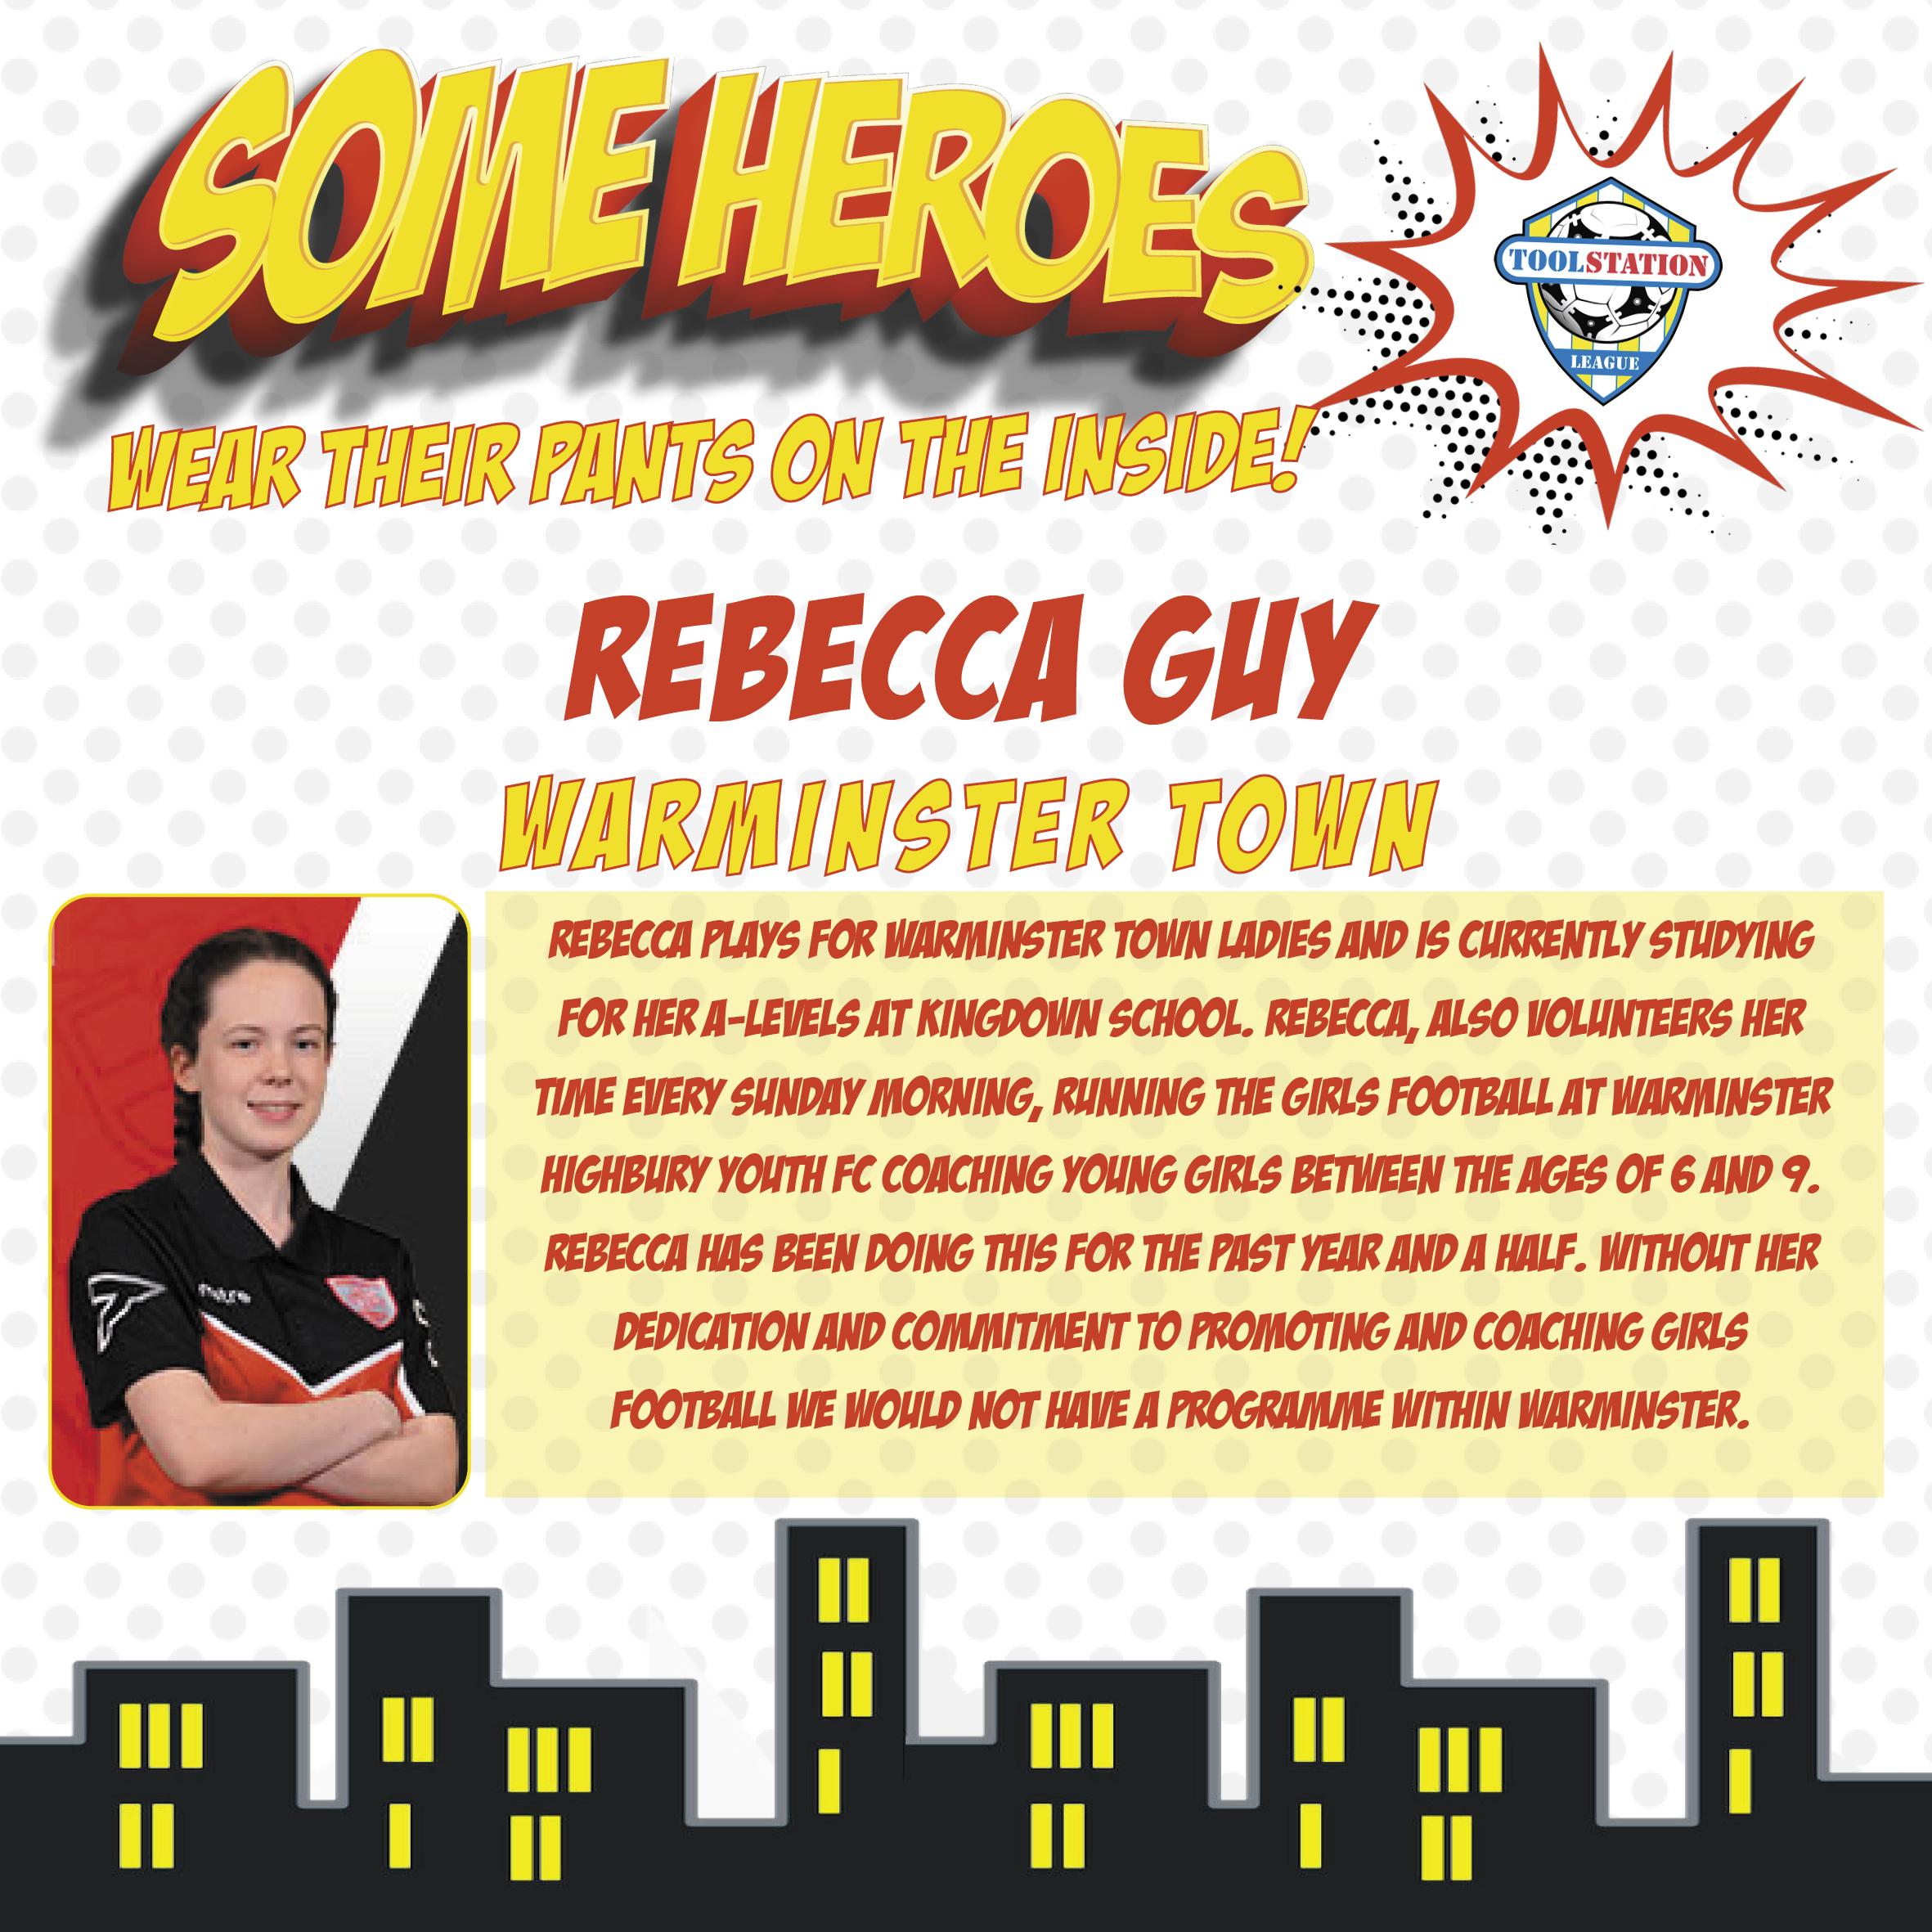 Rebecca Guy